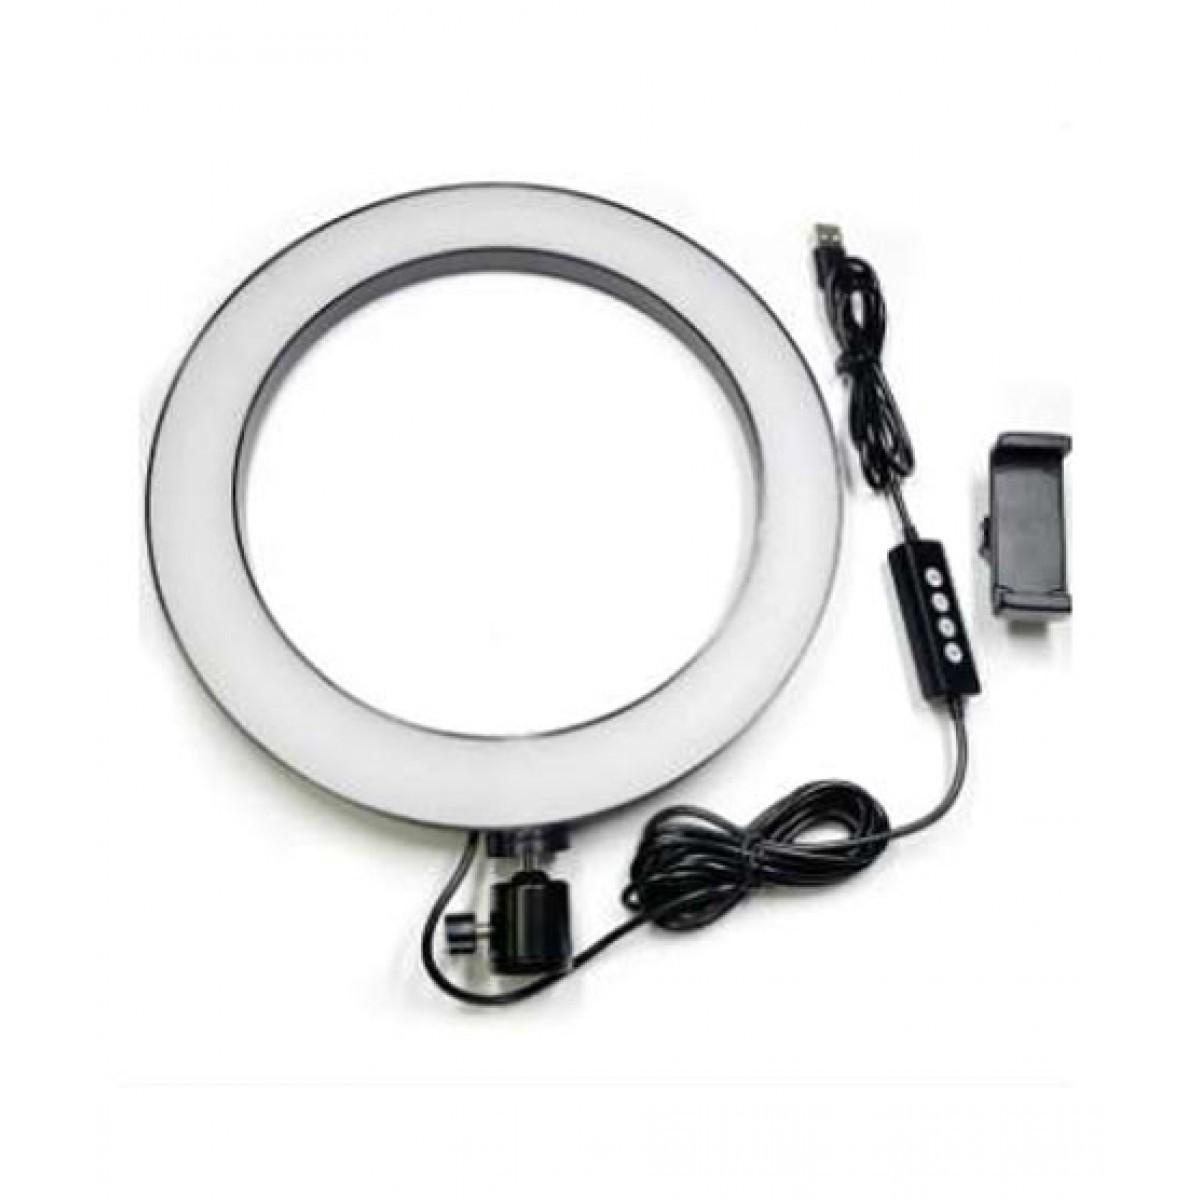 Ibuks Ring Light 26cm LED For Photography & Video Tiktok